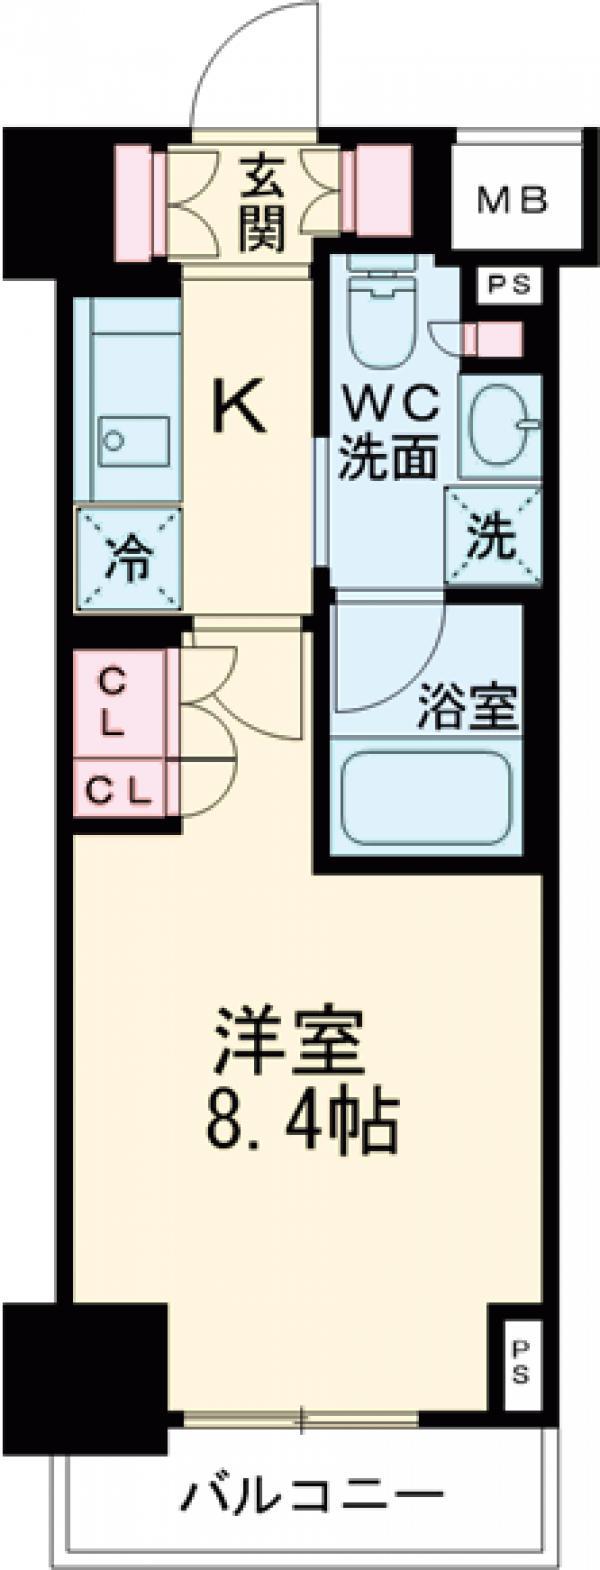 プラウドフラット西早稲田・403号室の間取り